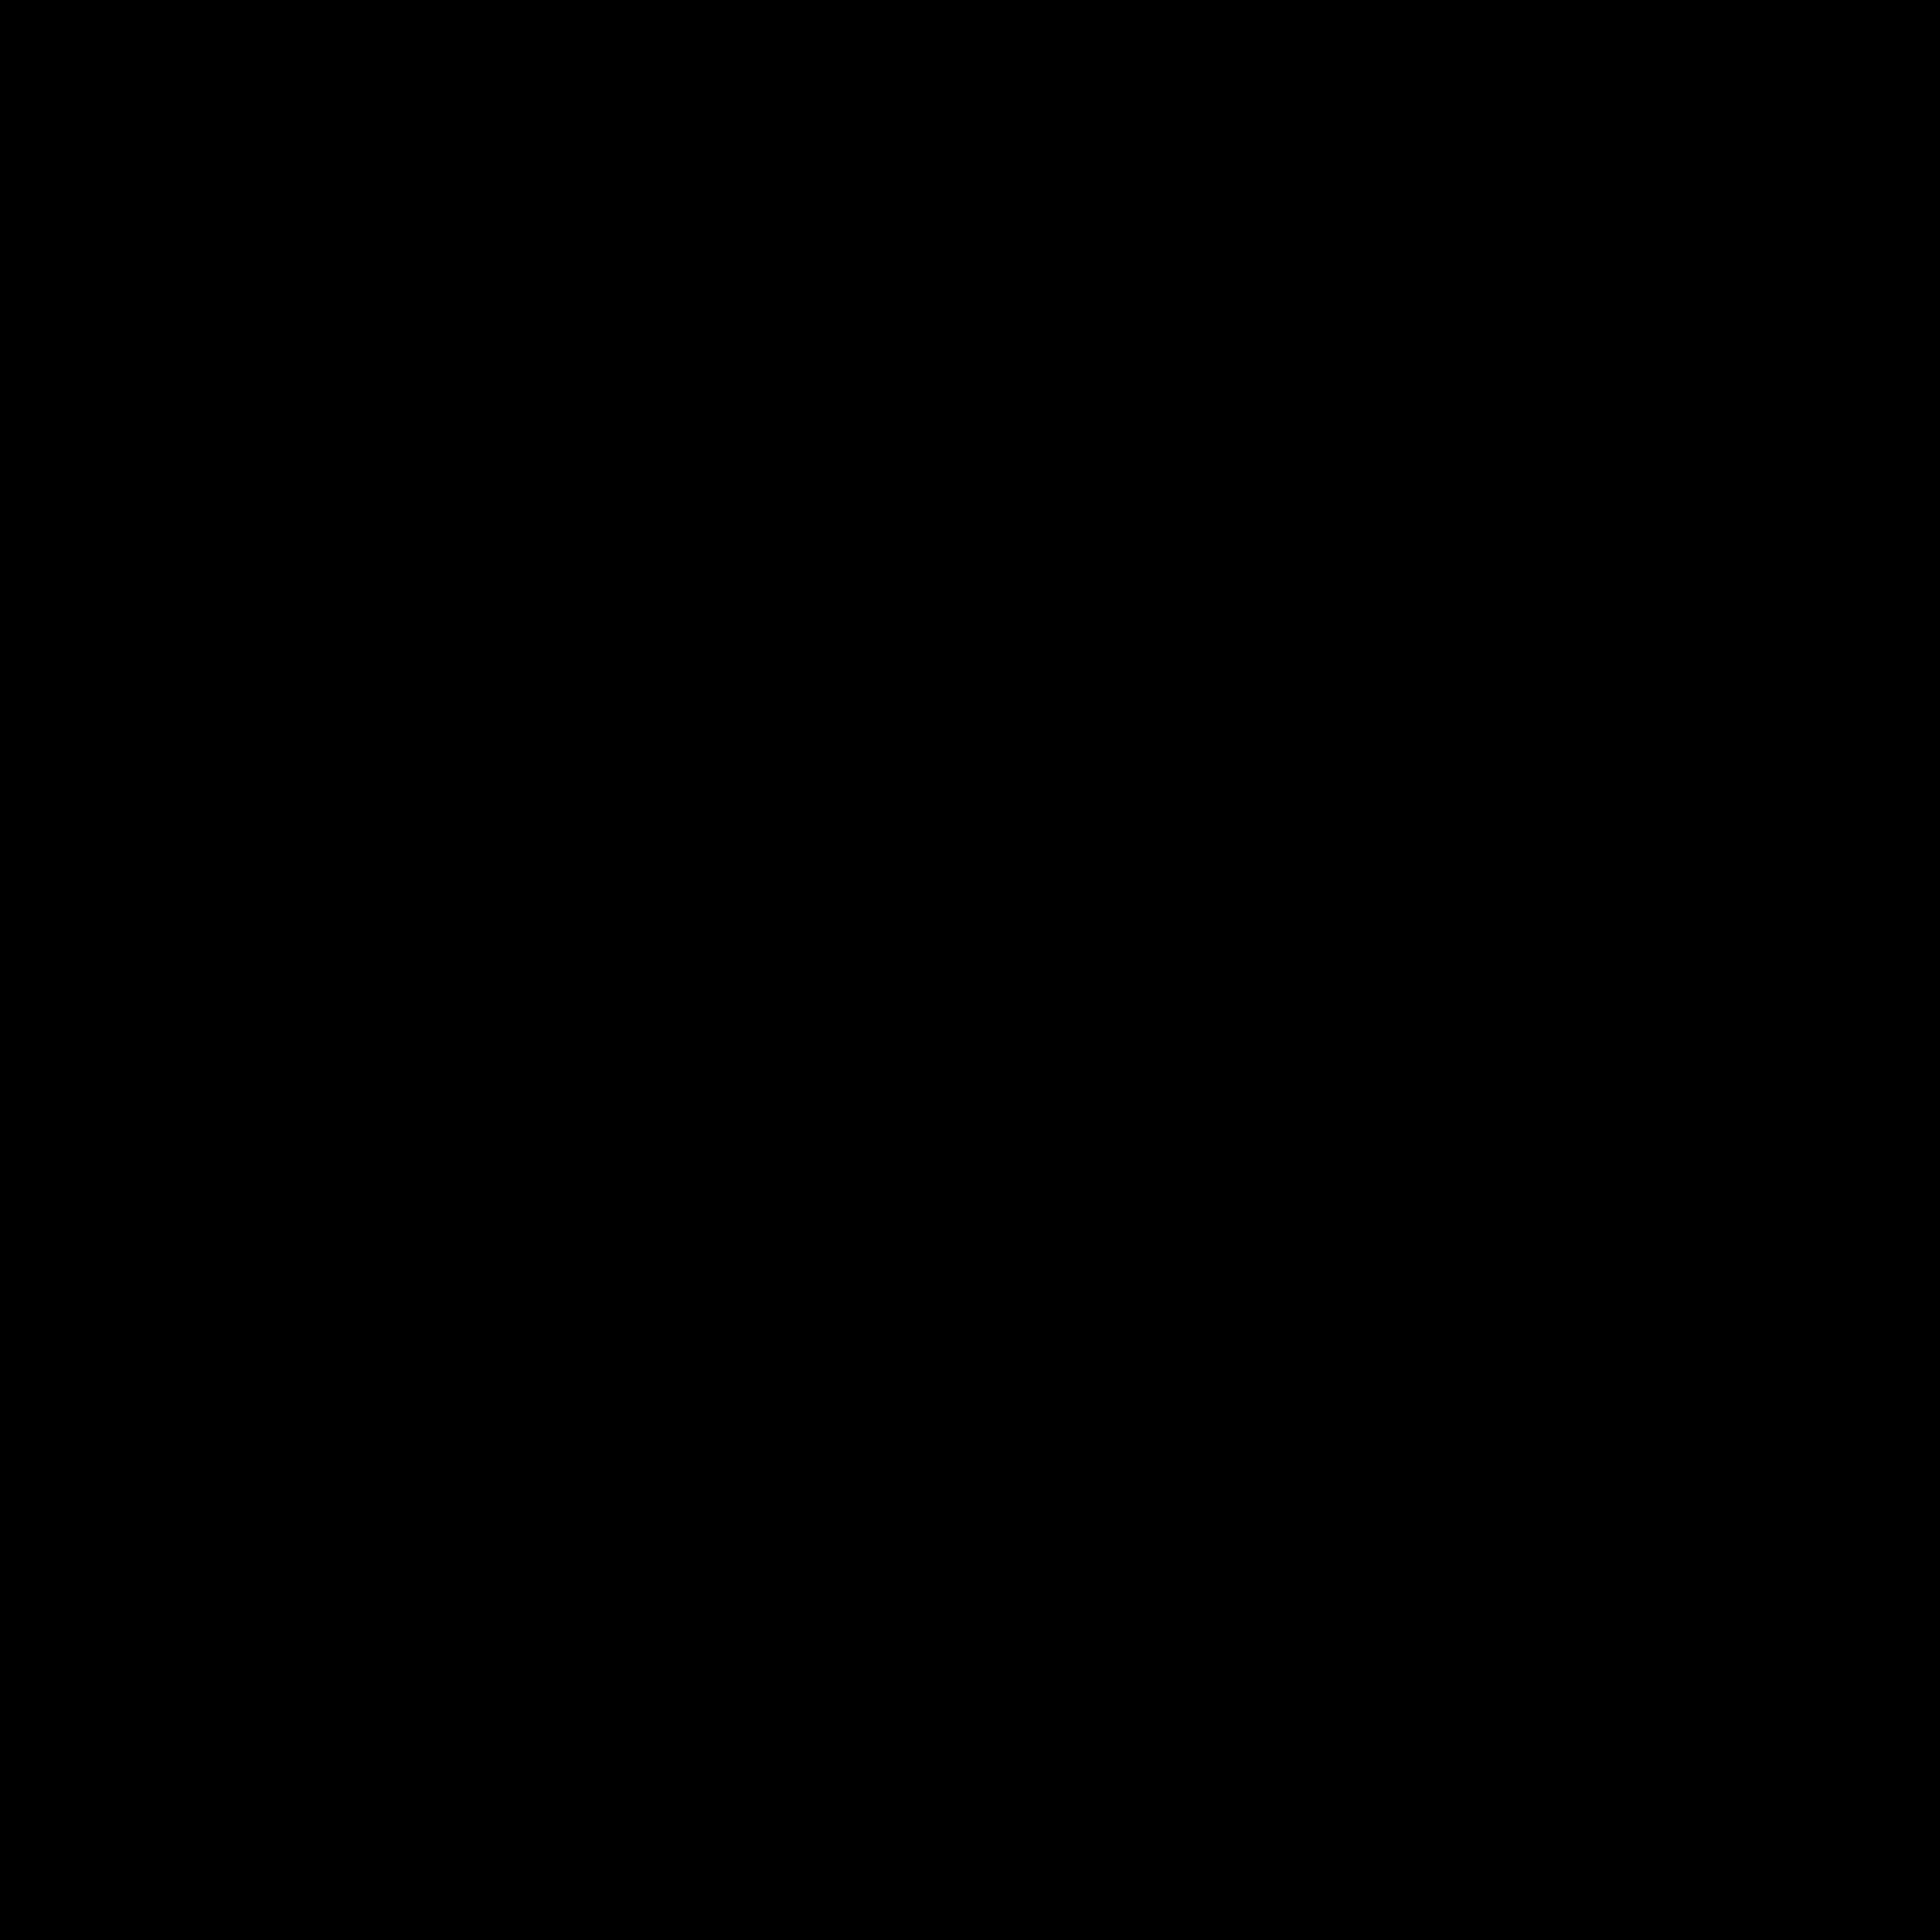 Laubenheim-Shirt von Charles